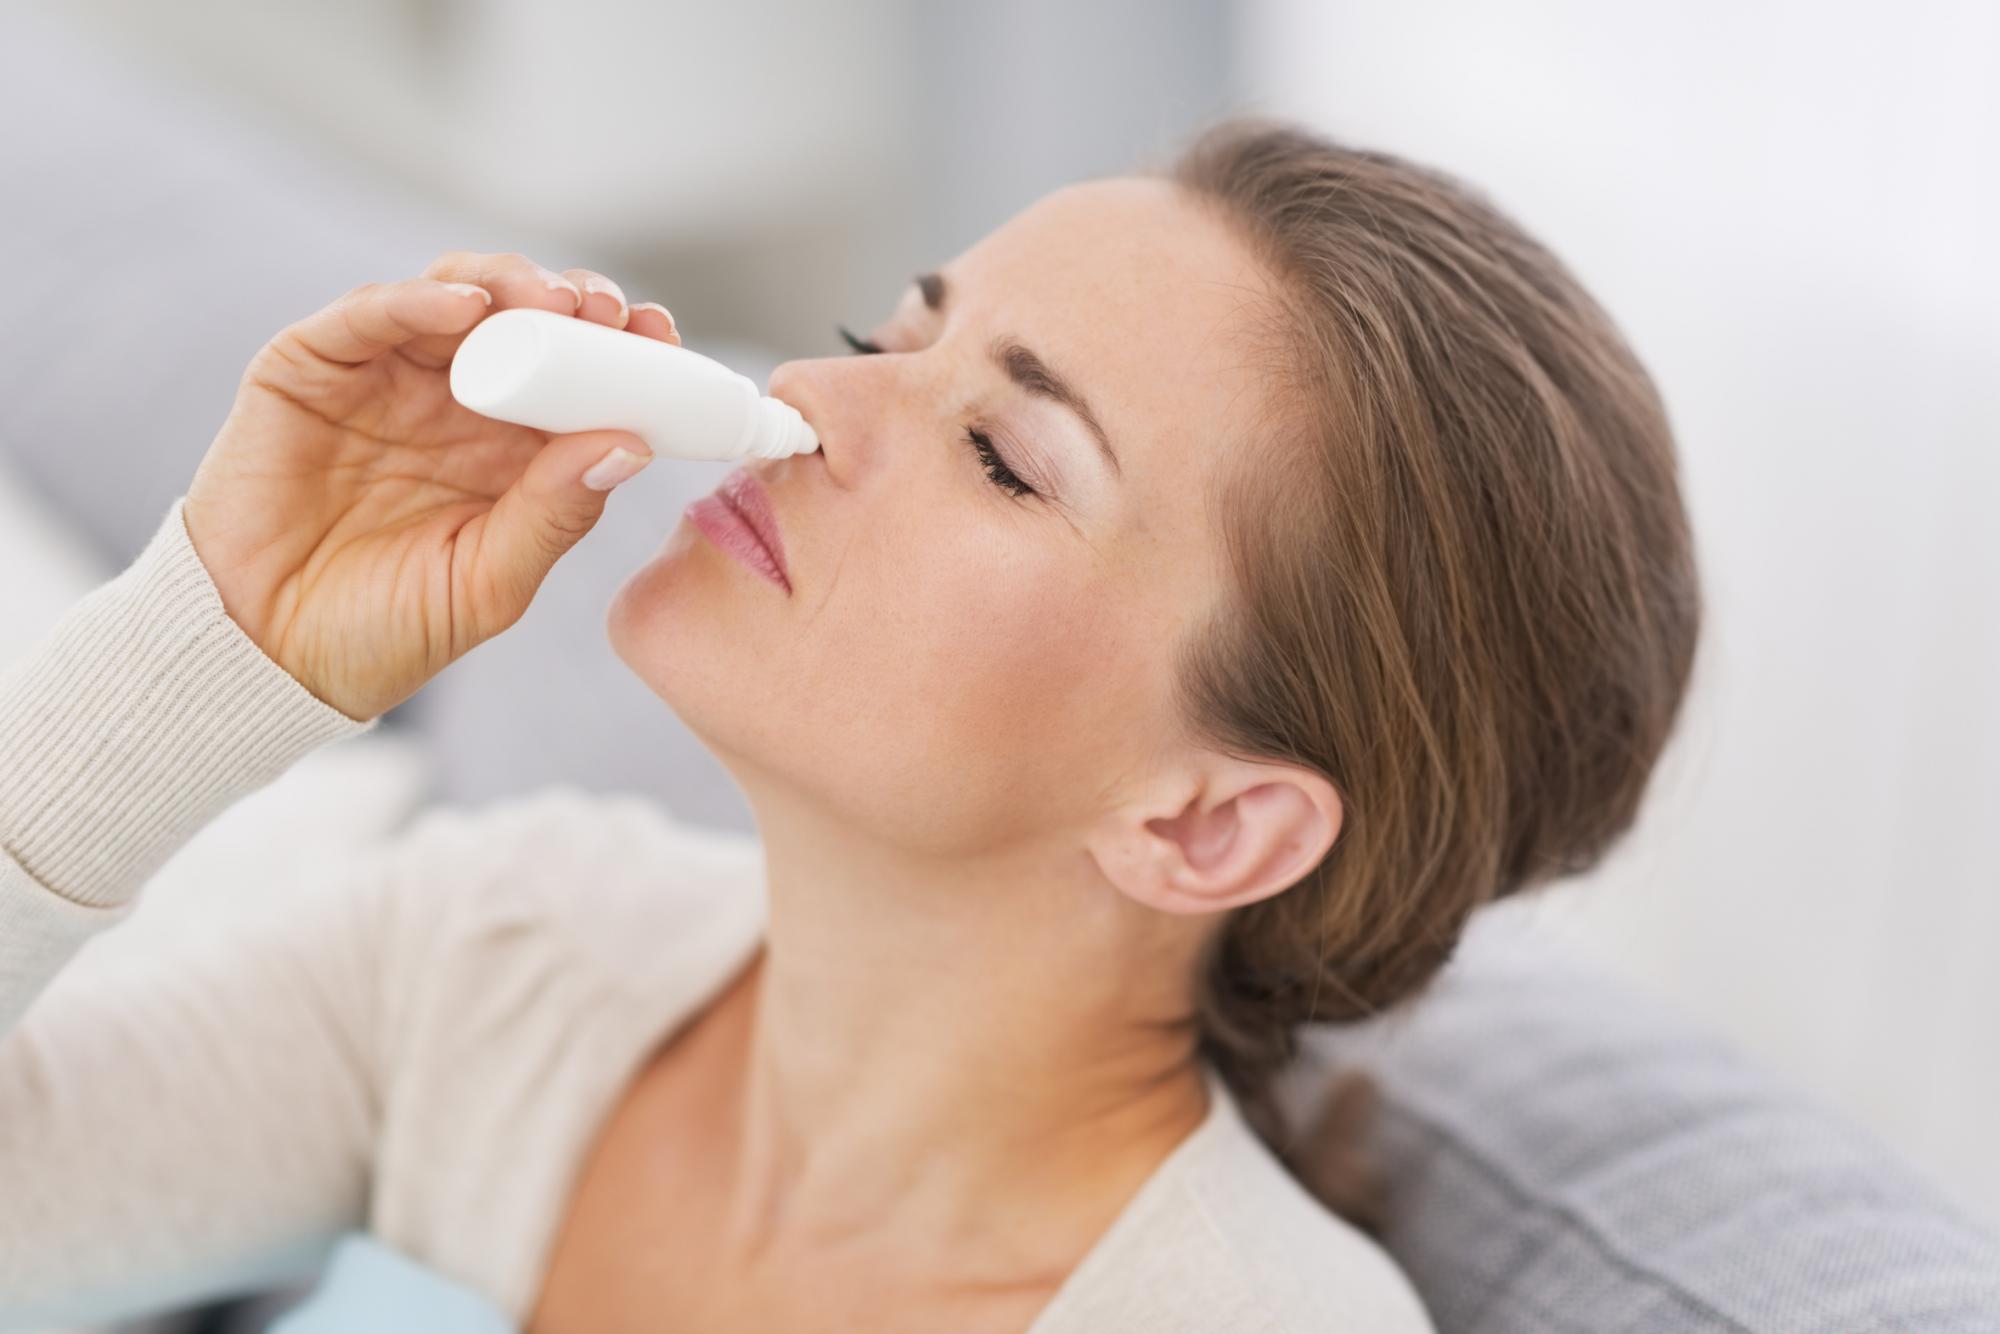 Как лечить заложенность носа у взрослых и детей: препаратами, народными средствами в домашних условиях   fok-zdorovie.ru